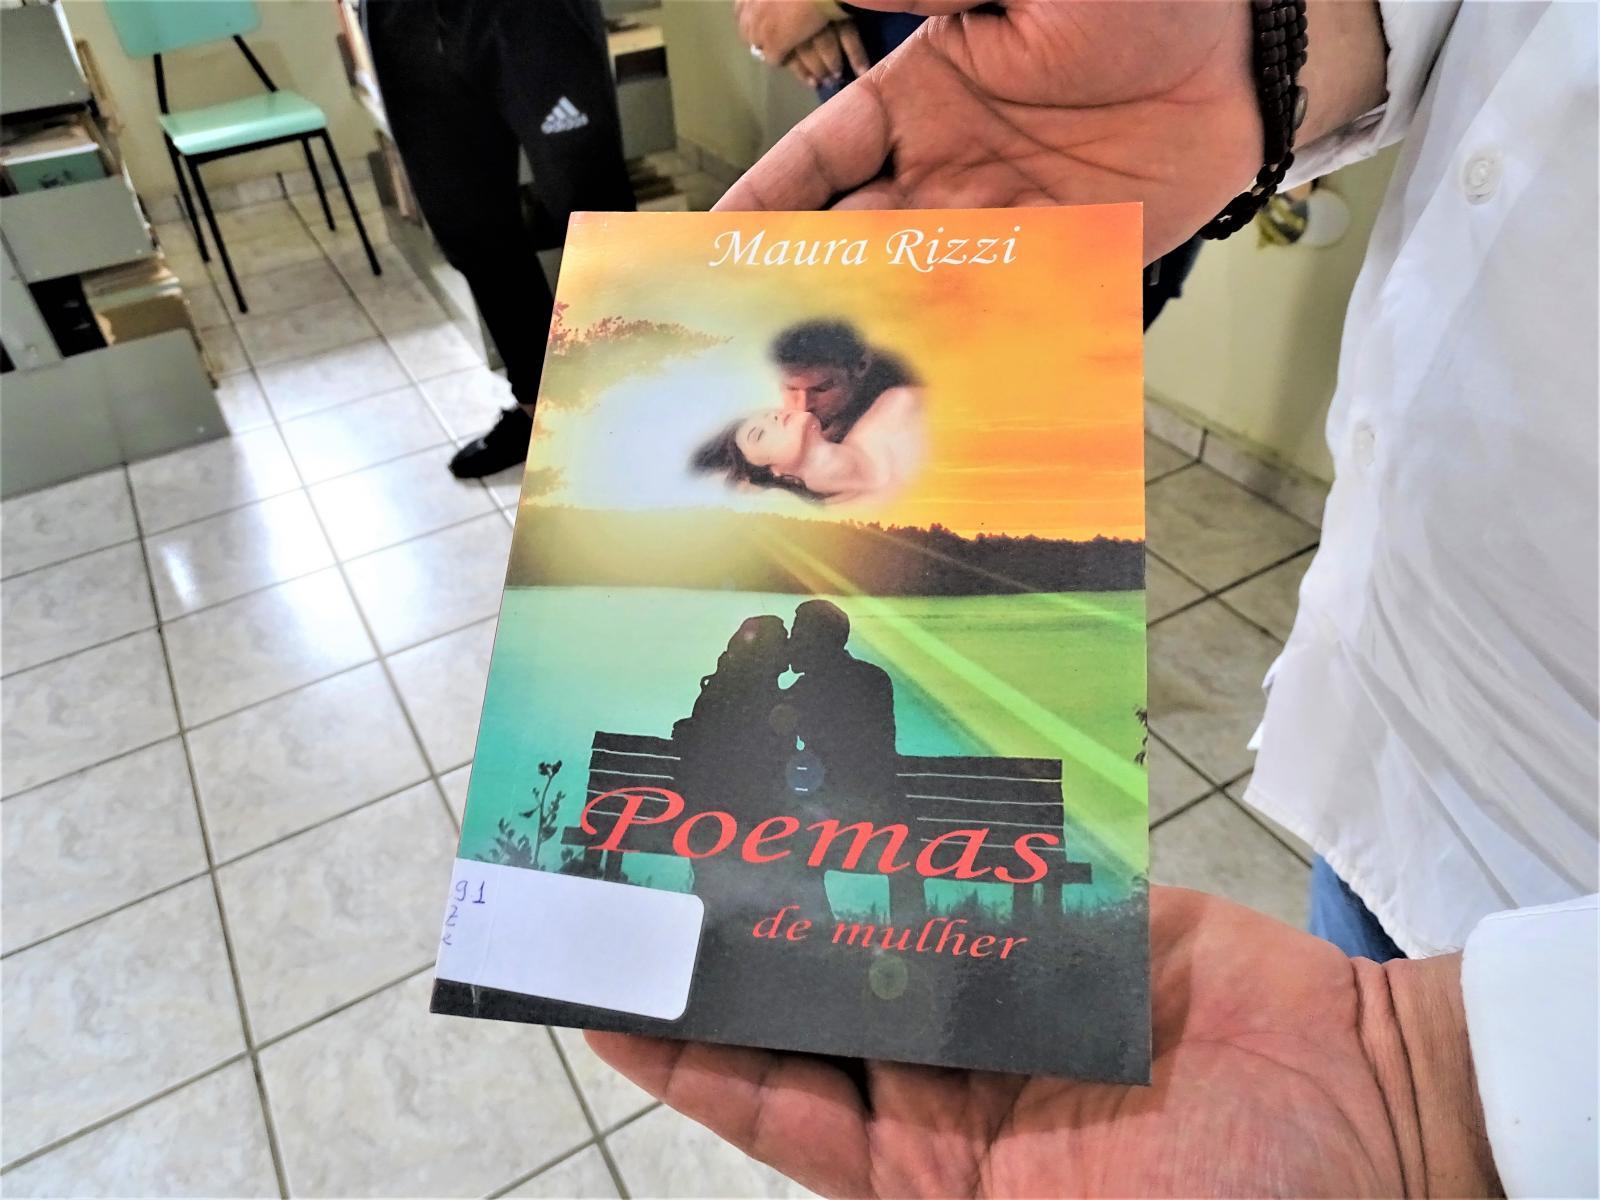 Escritora e poetisa itaranense é homenageada pelas suas obras